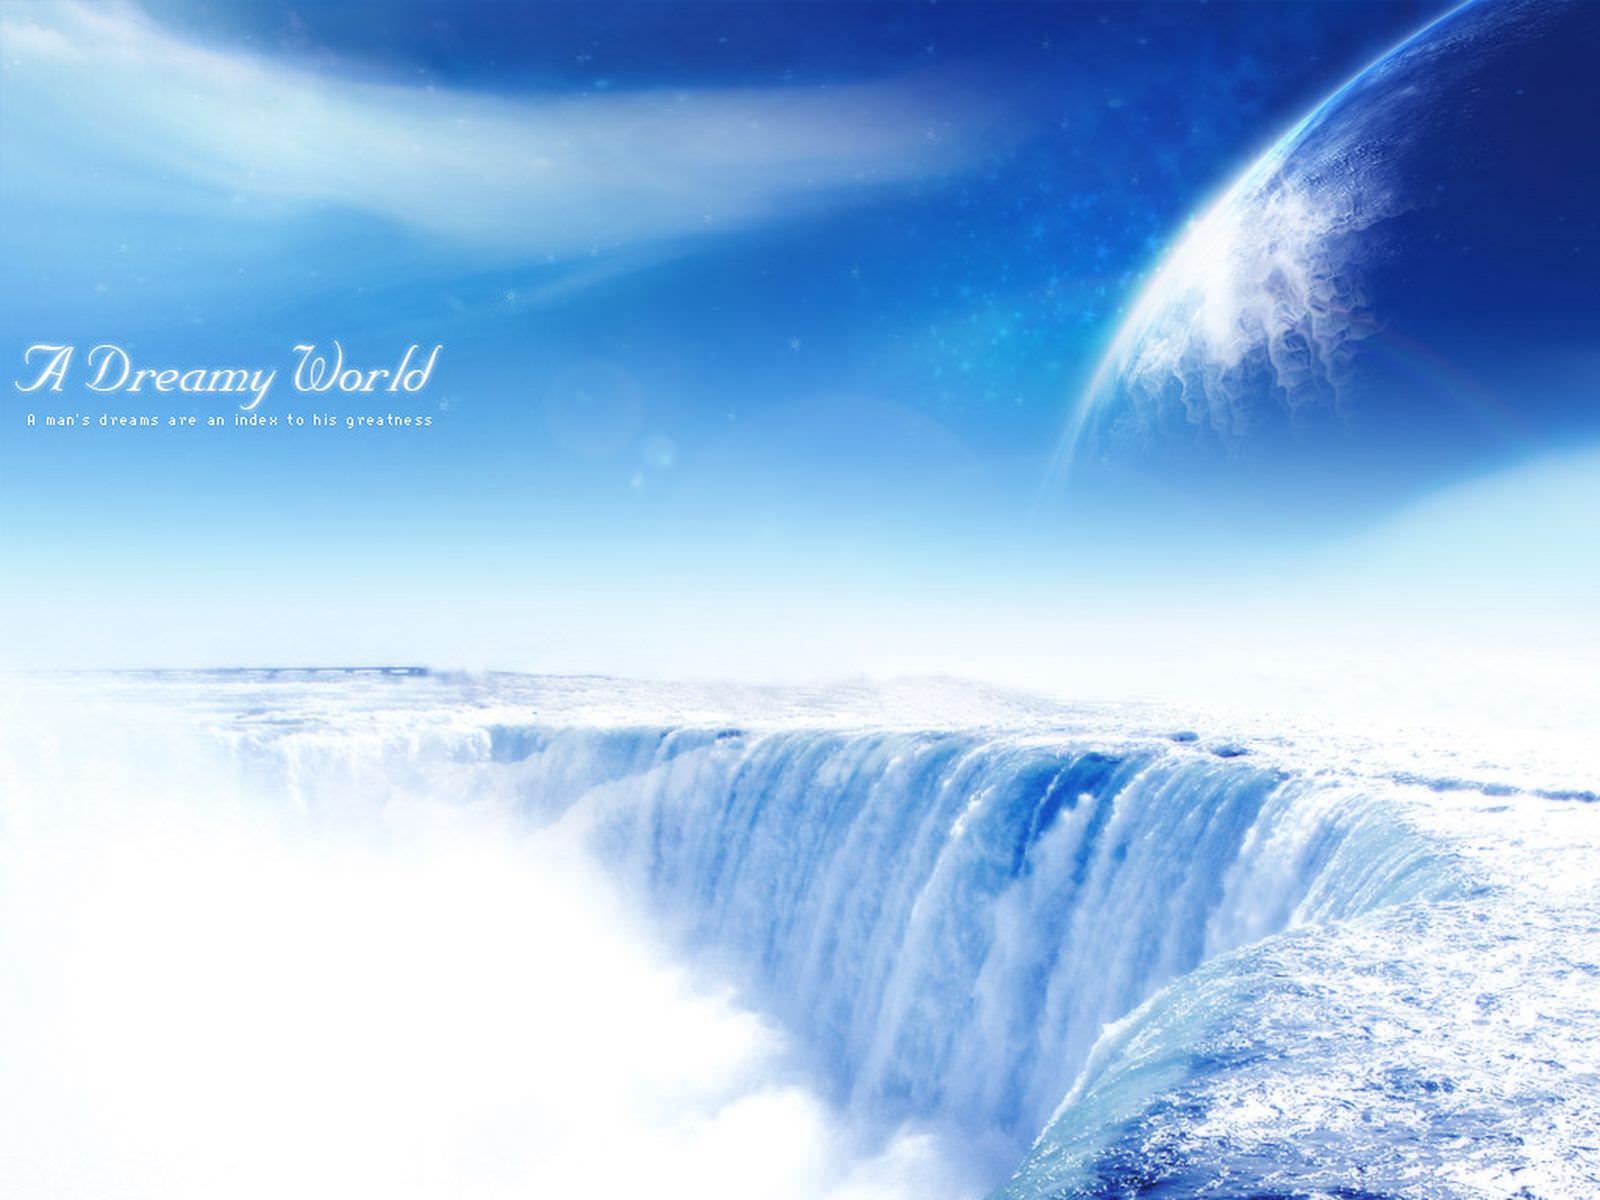 A_Dreamy_World_11th